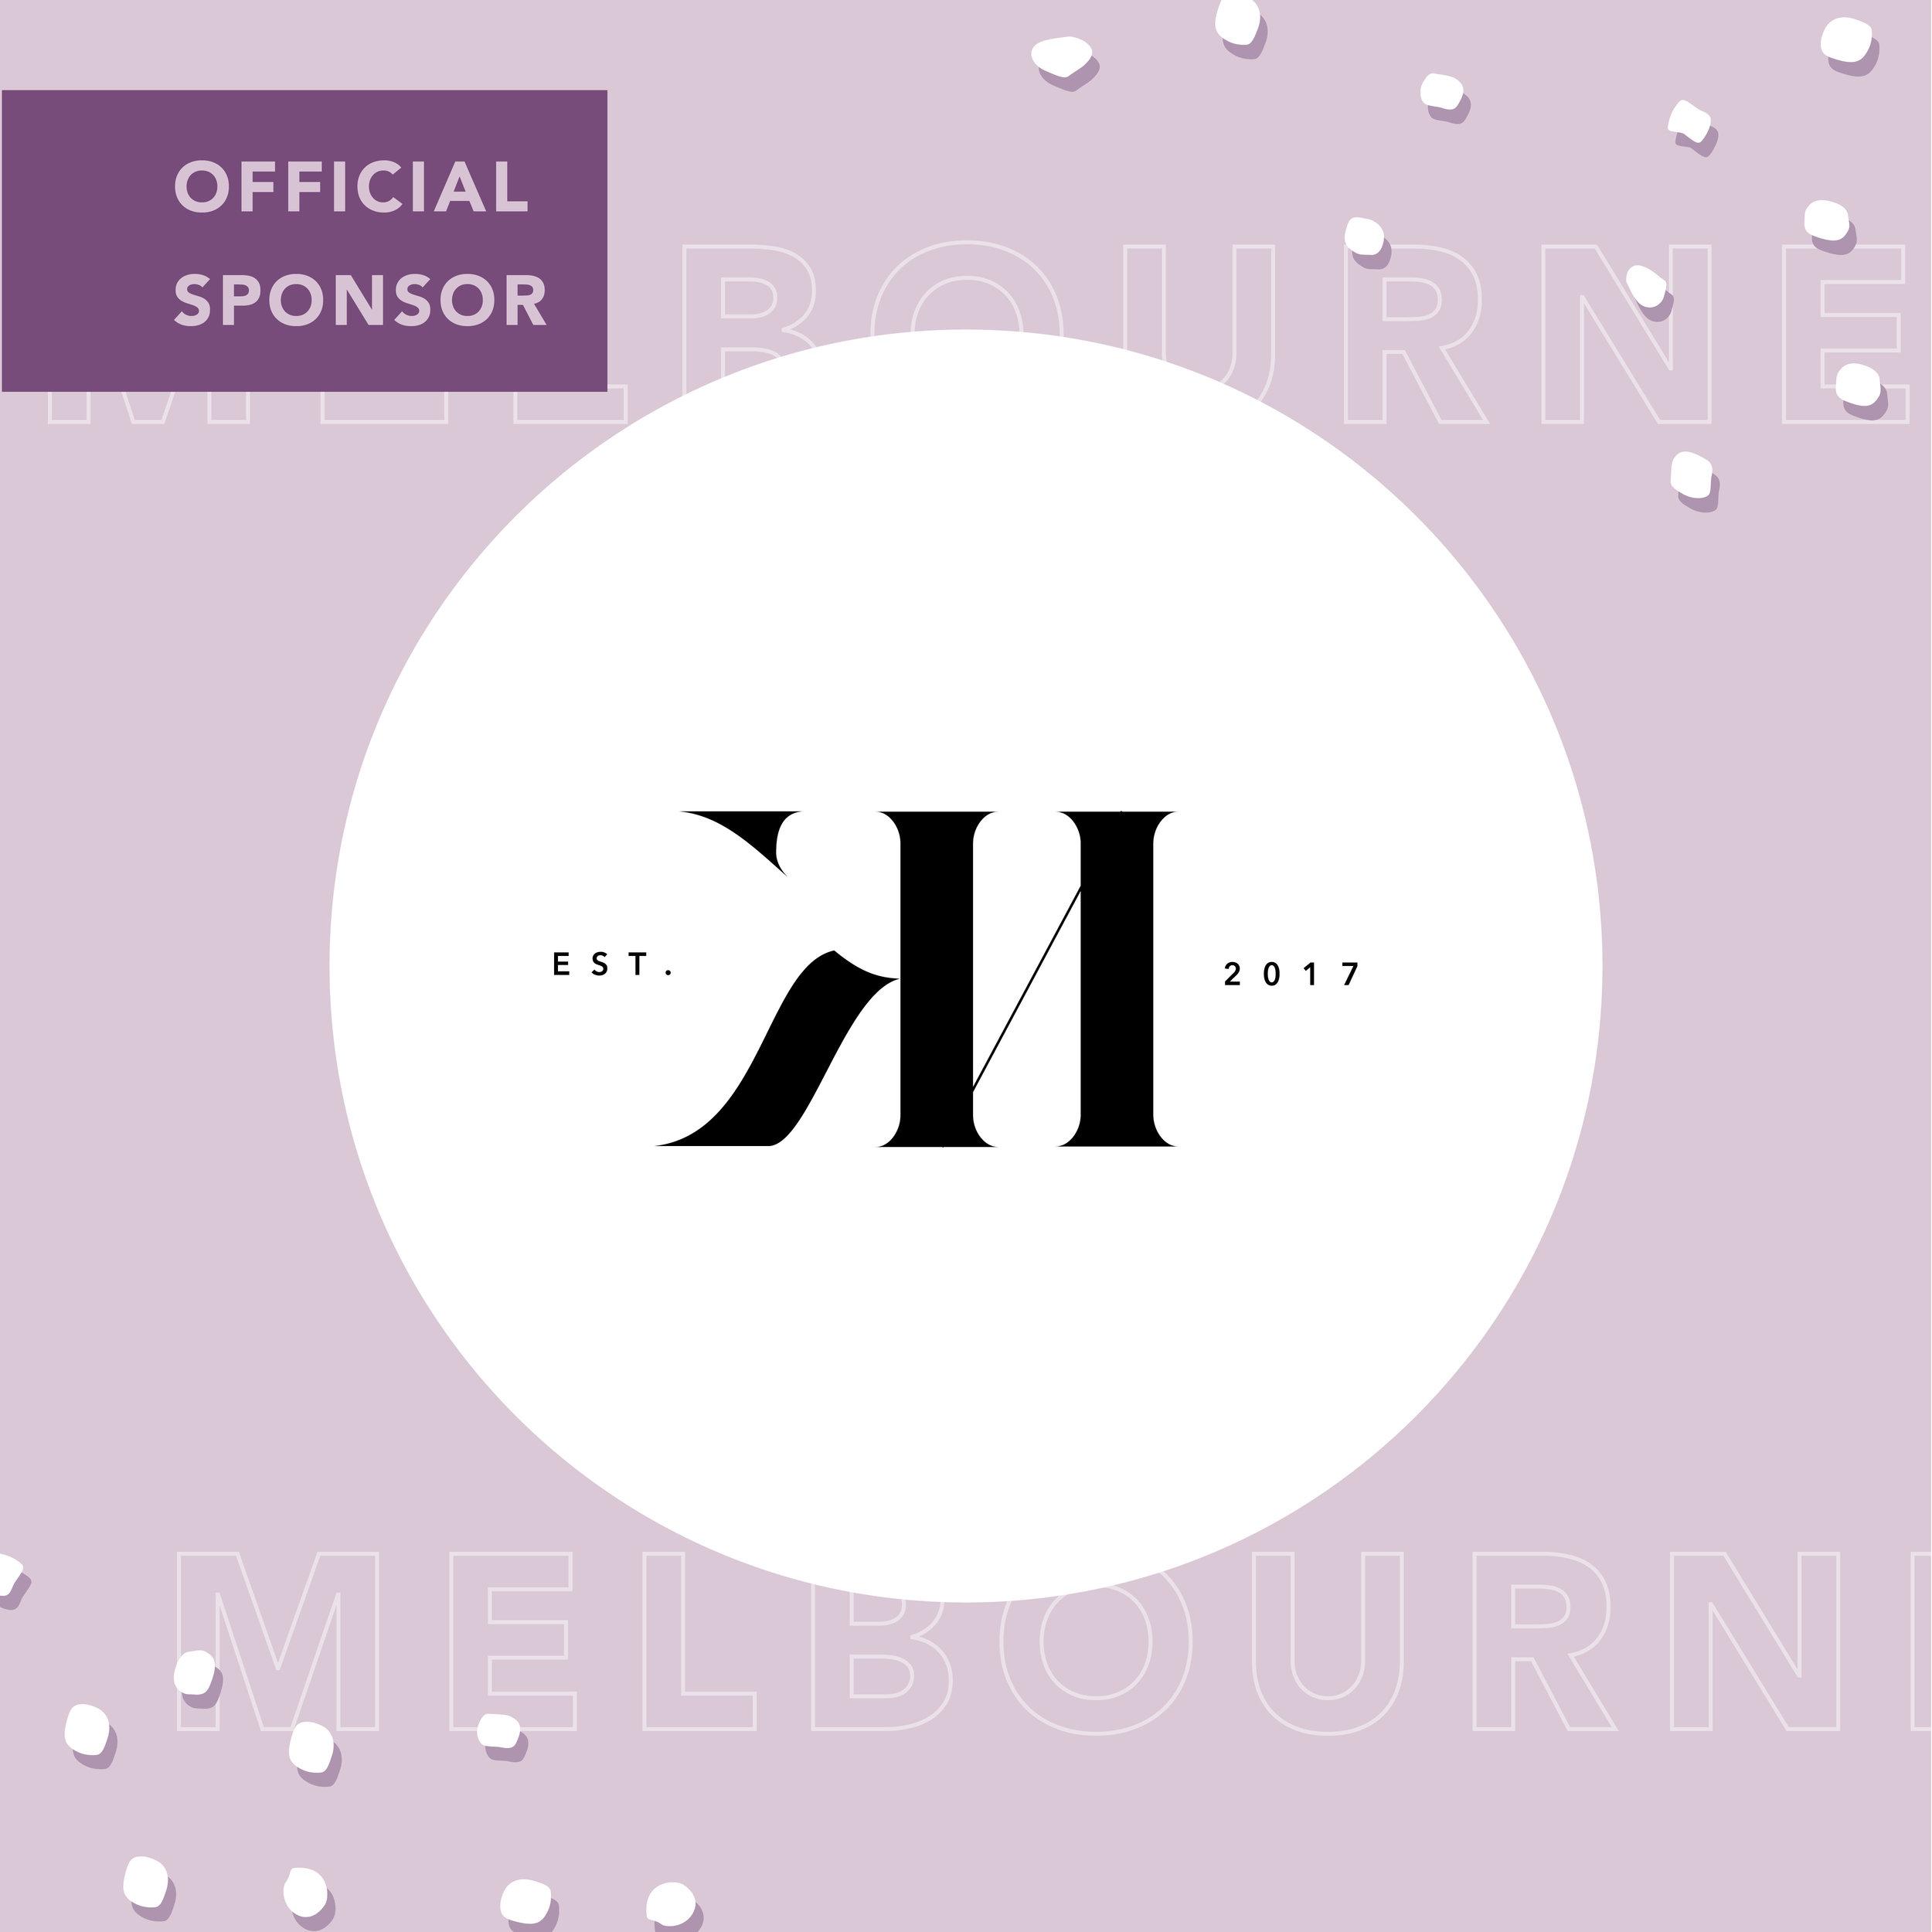 Sponsor Logos For Melbourne 20182.jpg